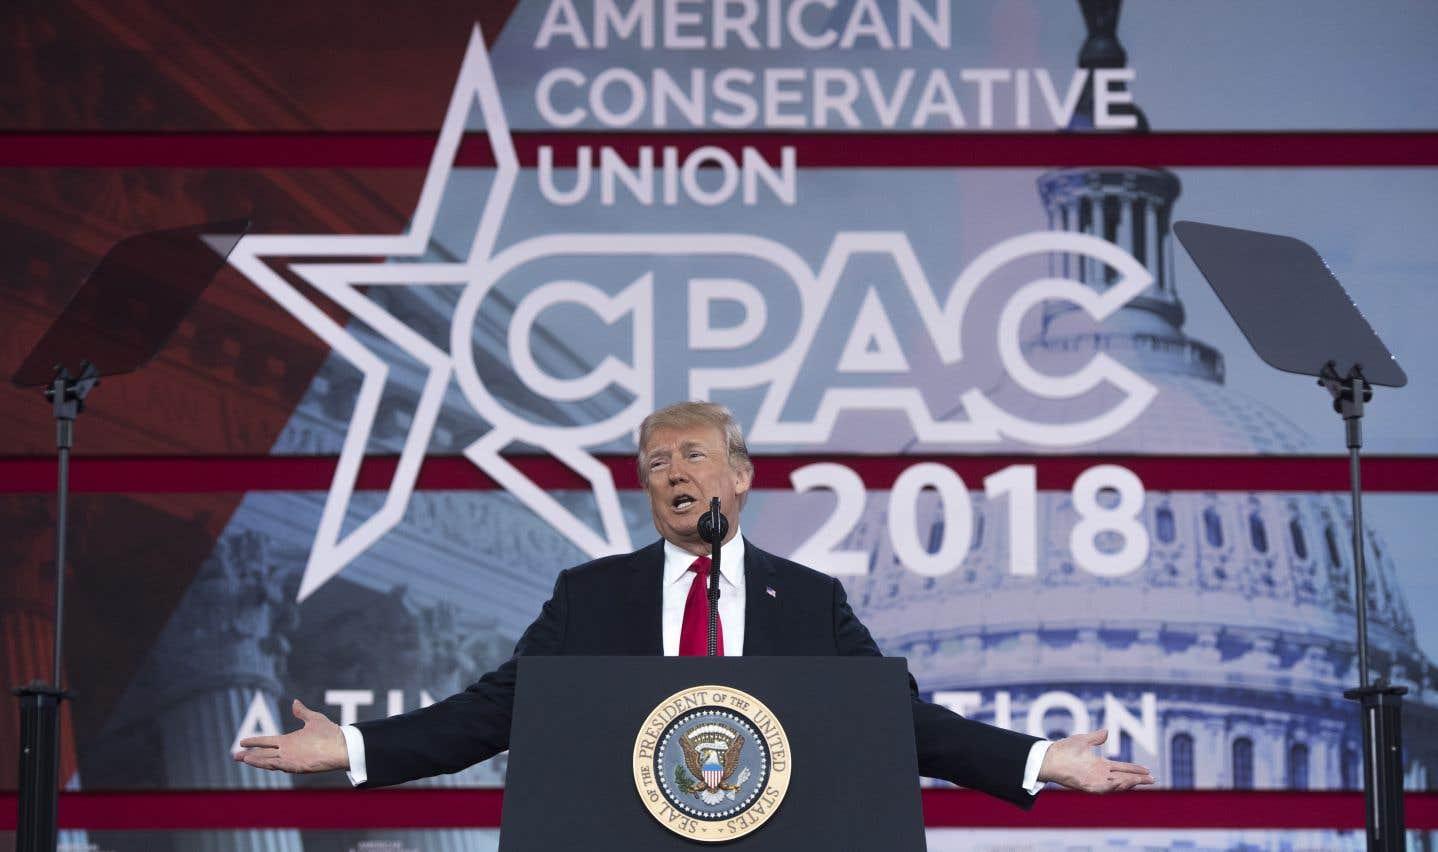 Donald Trump a prononcé son discours lors de la conférence CPAC, grand rendez-vous annuel des conservateurs américains.